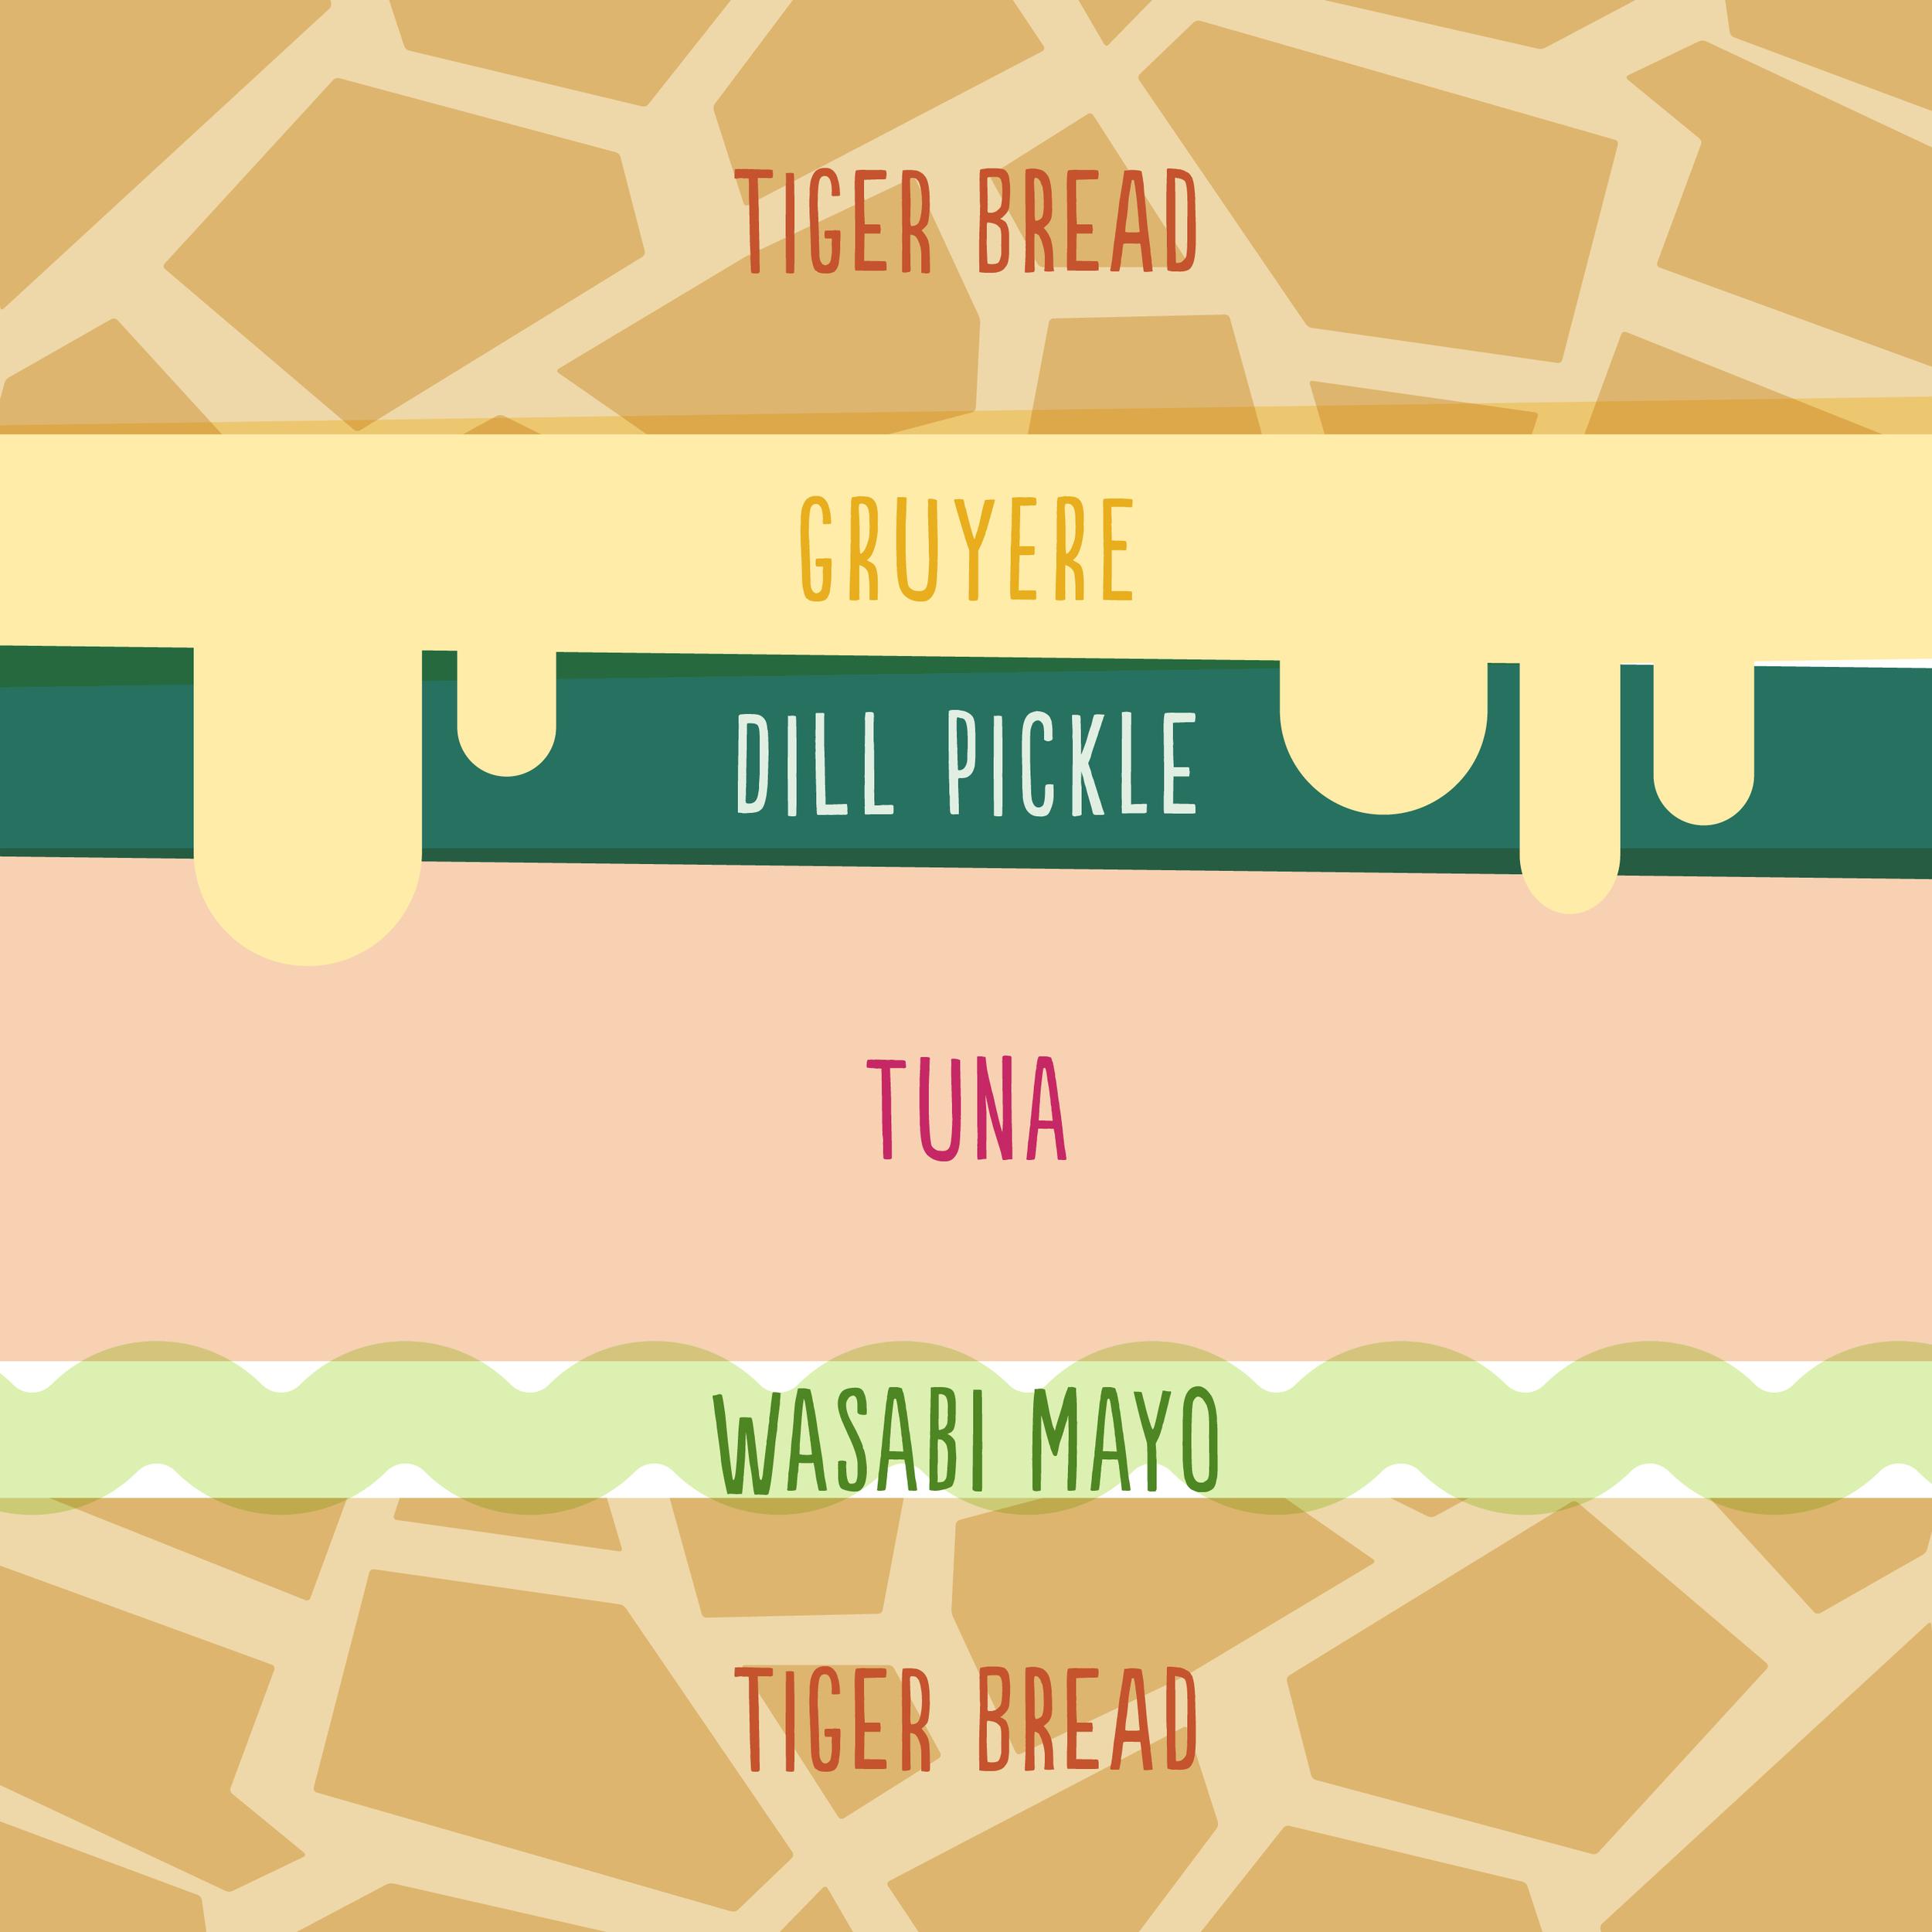 Tuna-wasabi-mayo-pickle-gruyere-toastie.jpg